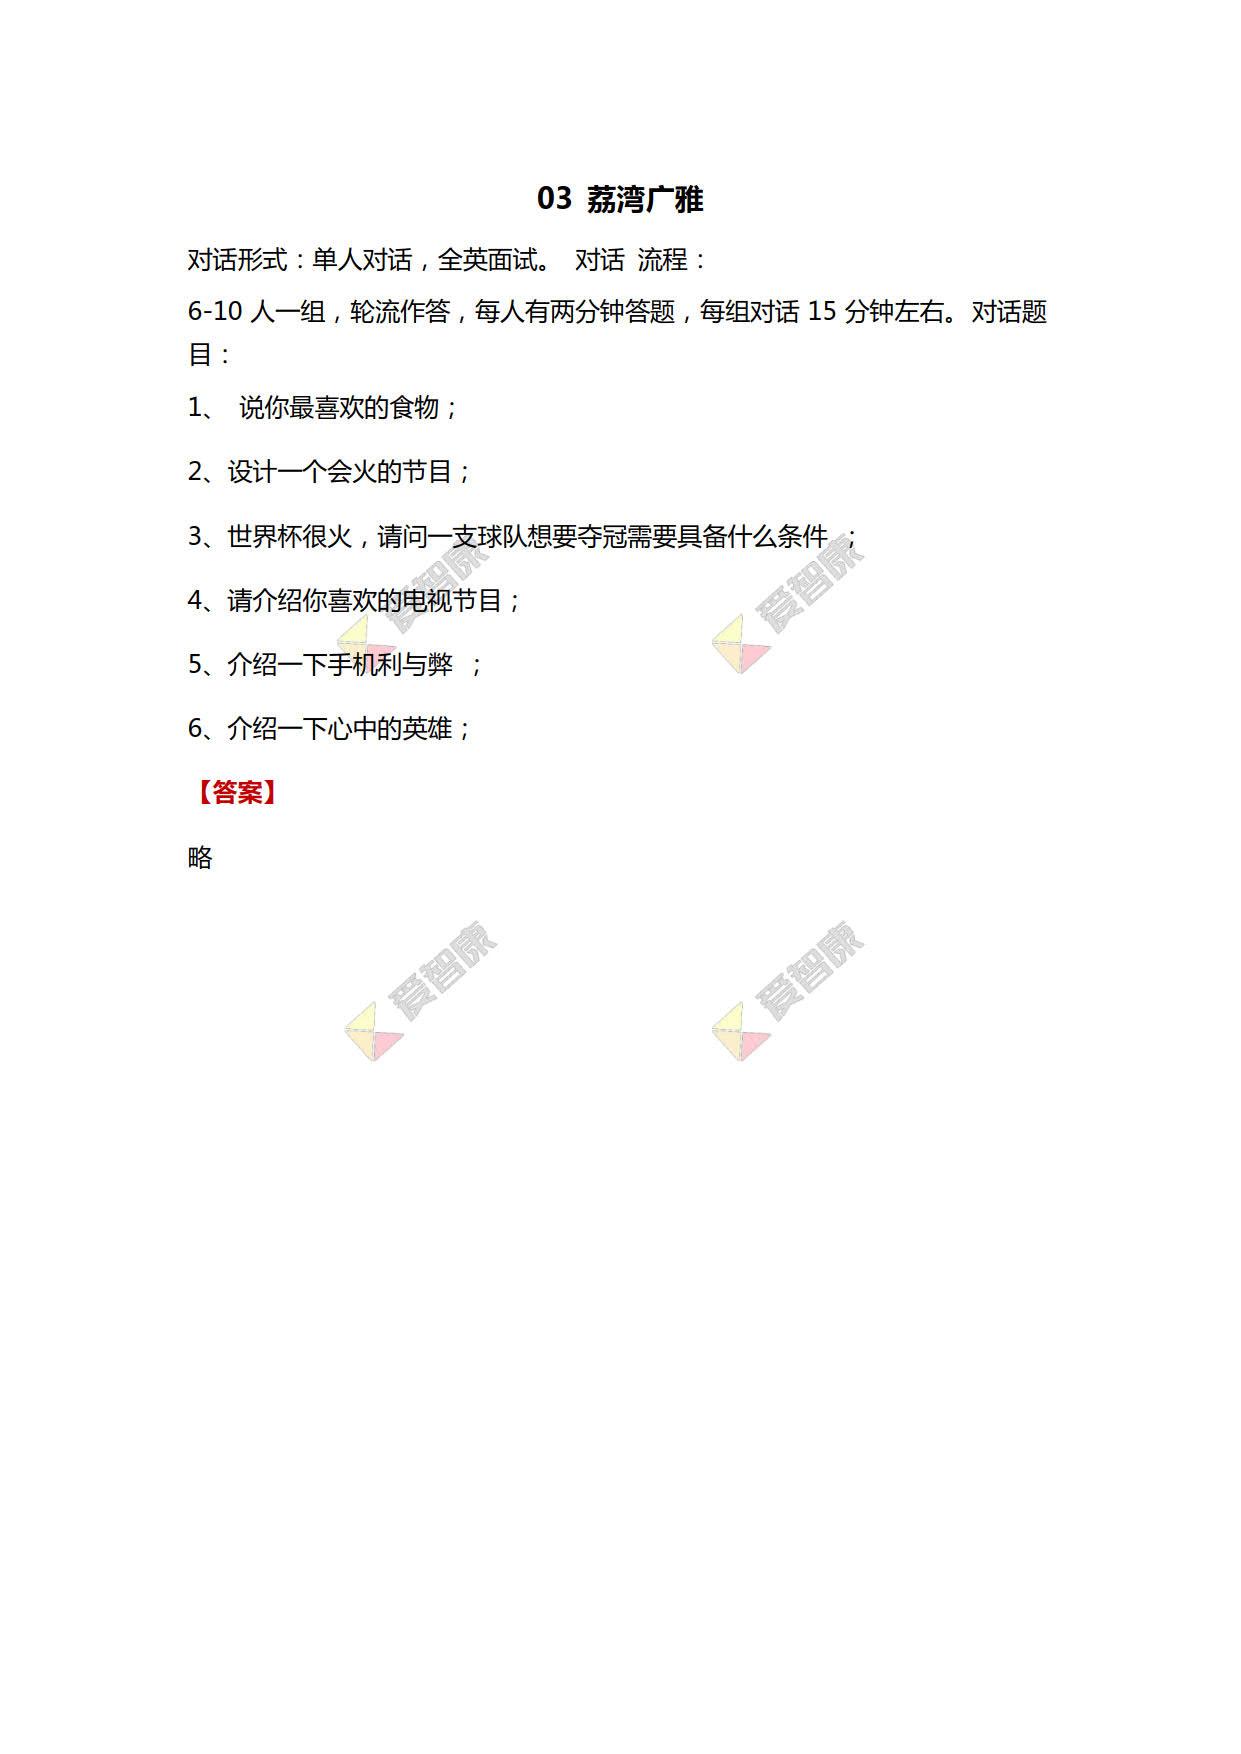 2018年广州荔湾广雅对话题目&解析